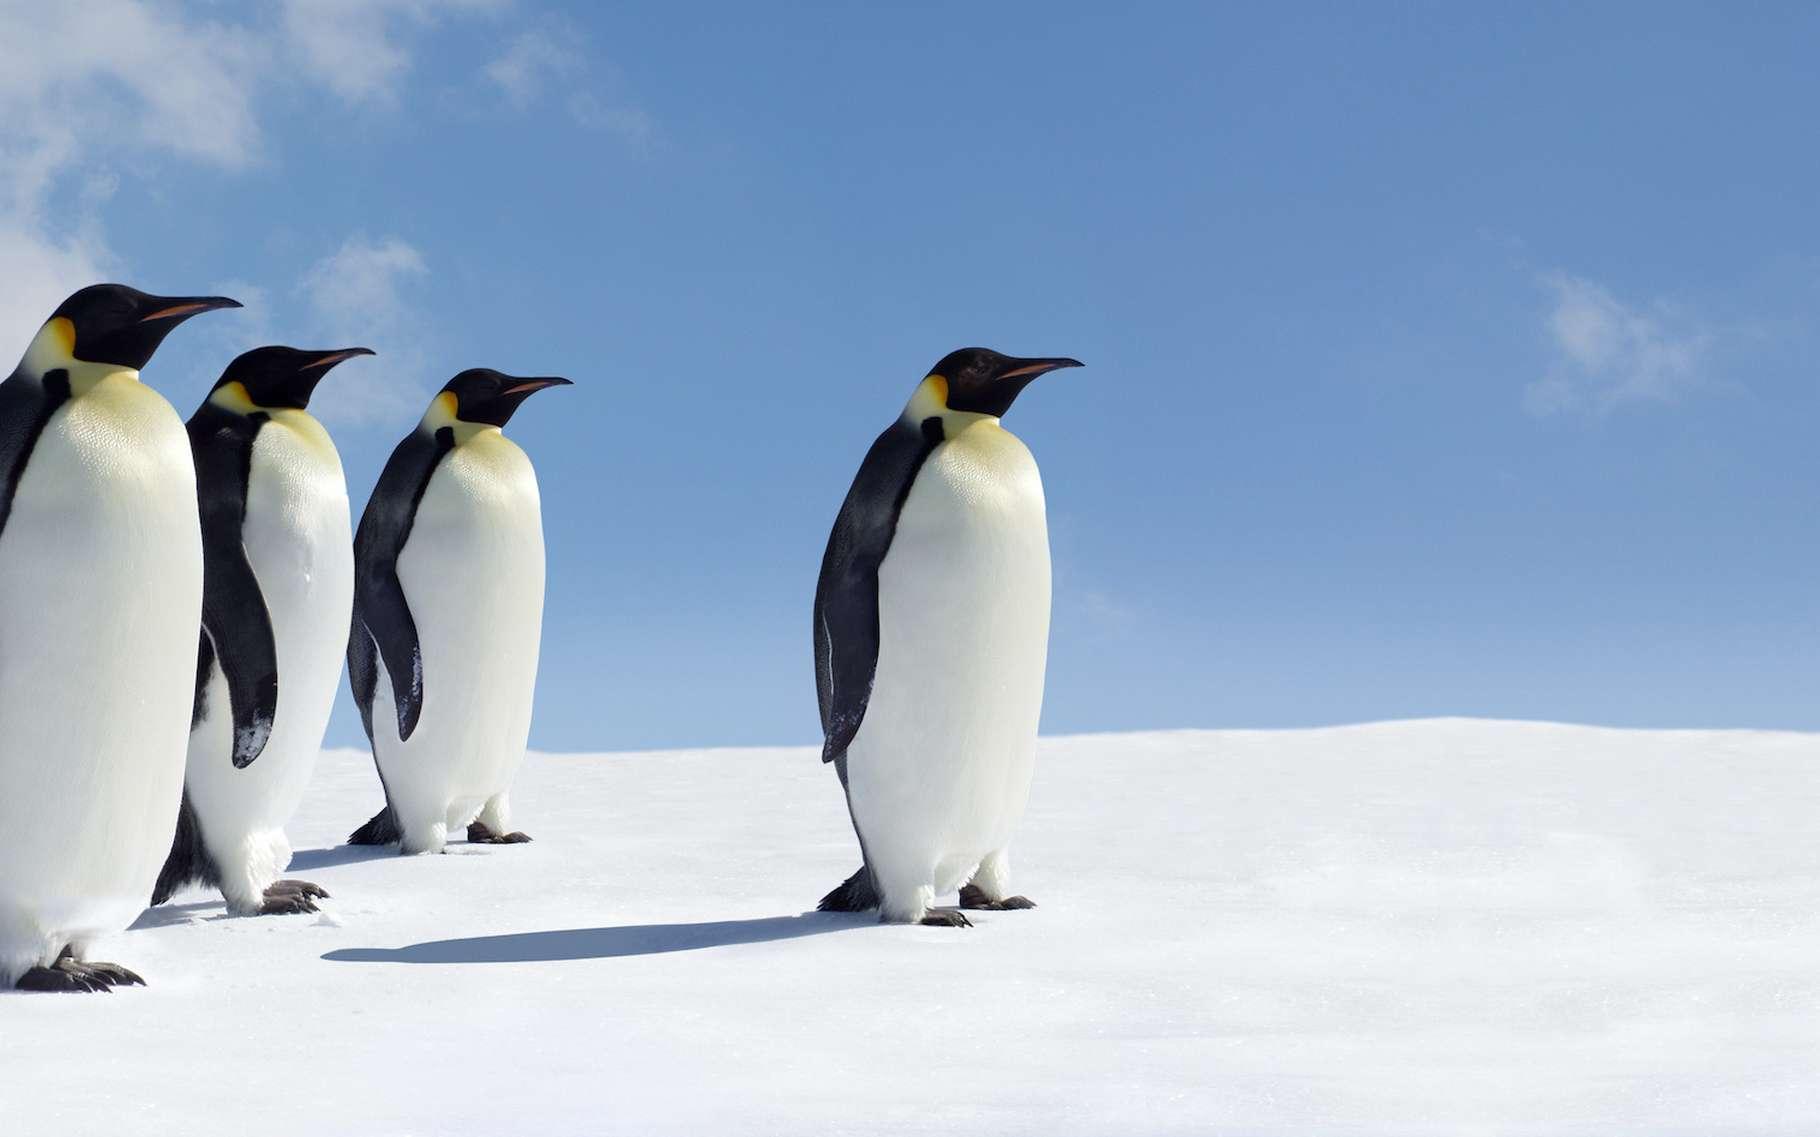 Du 14 au 24 juin 2021, la 43e réunion consultative du traité de l'Antarctique (RCTA) se tient à Paris. L'occasion pour des spécialistes de la question, issus de diverses disciplines scientifiques, d'exprimer leur inquiétude quant à l'avenir de la région. © Jan Will, Adobe Stock